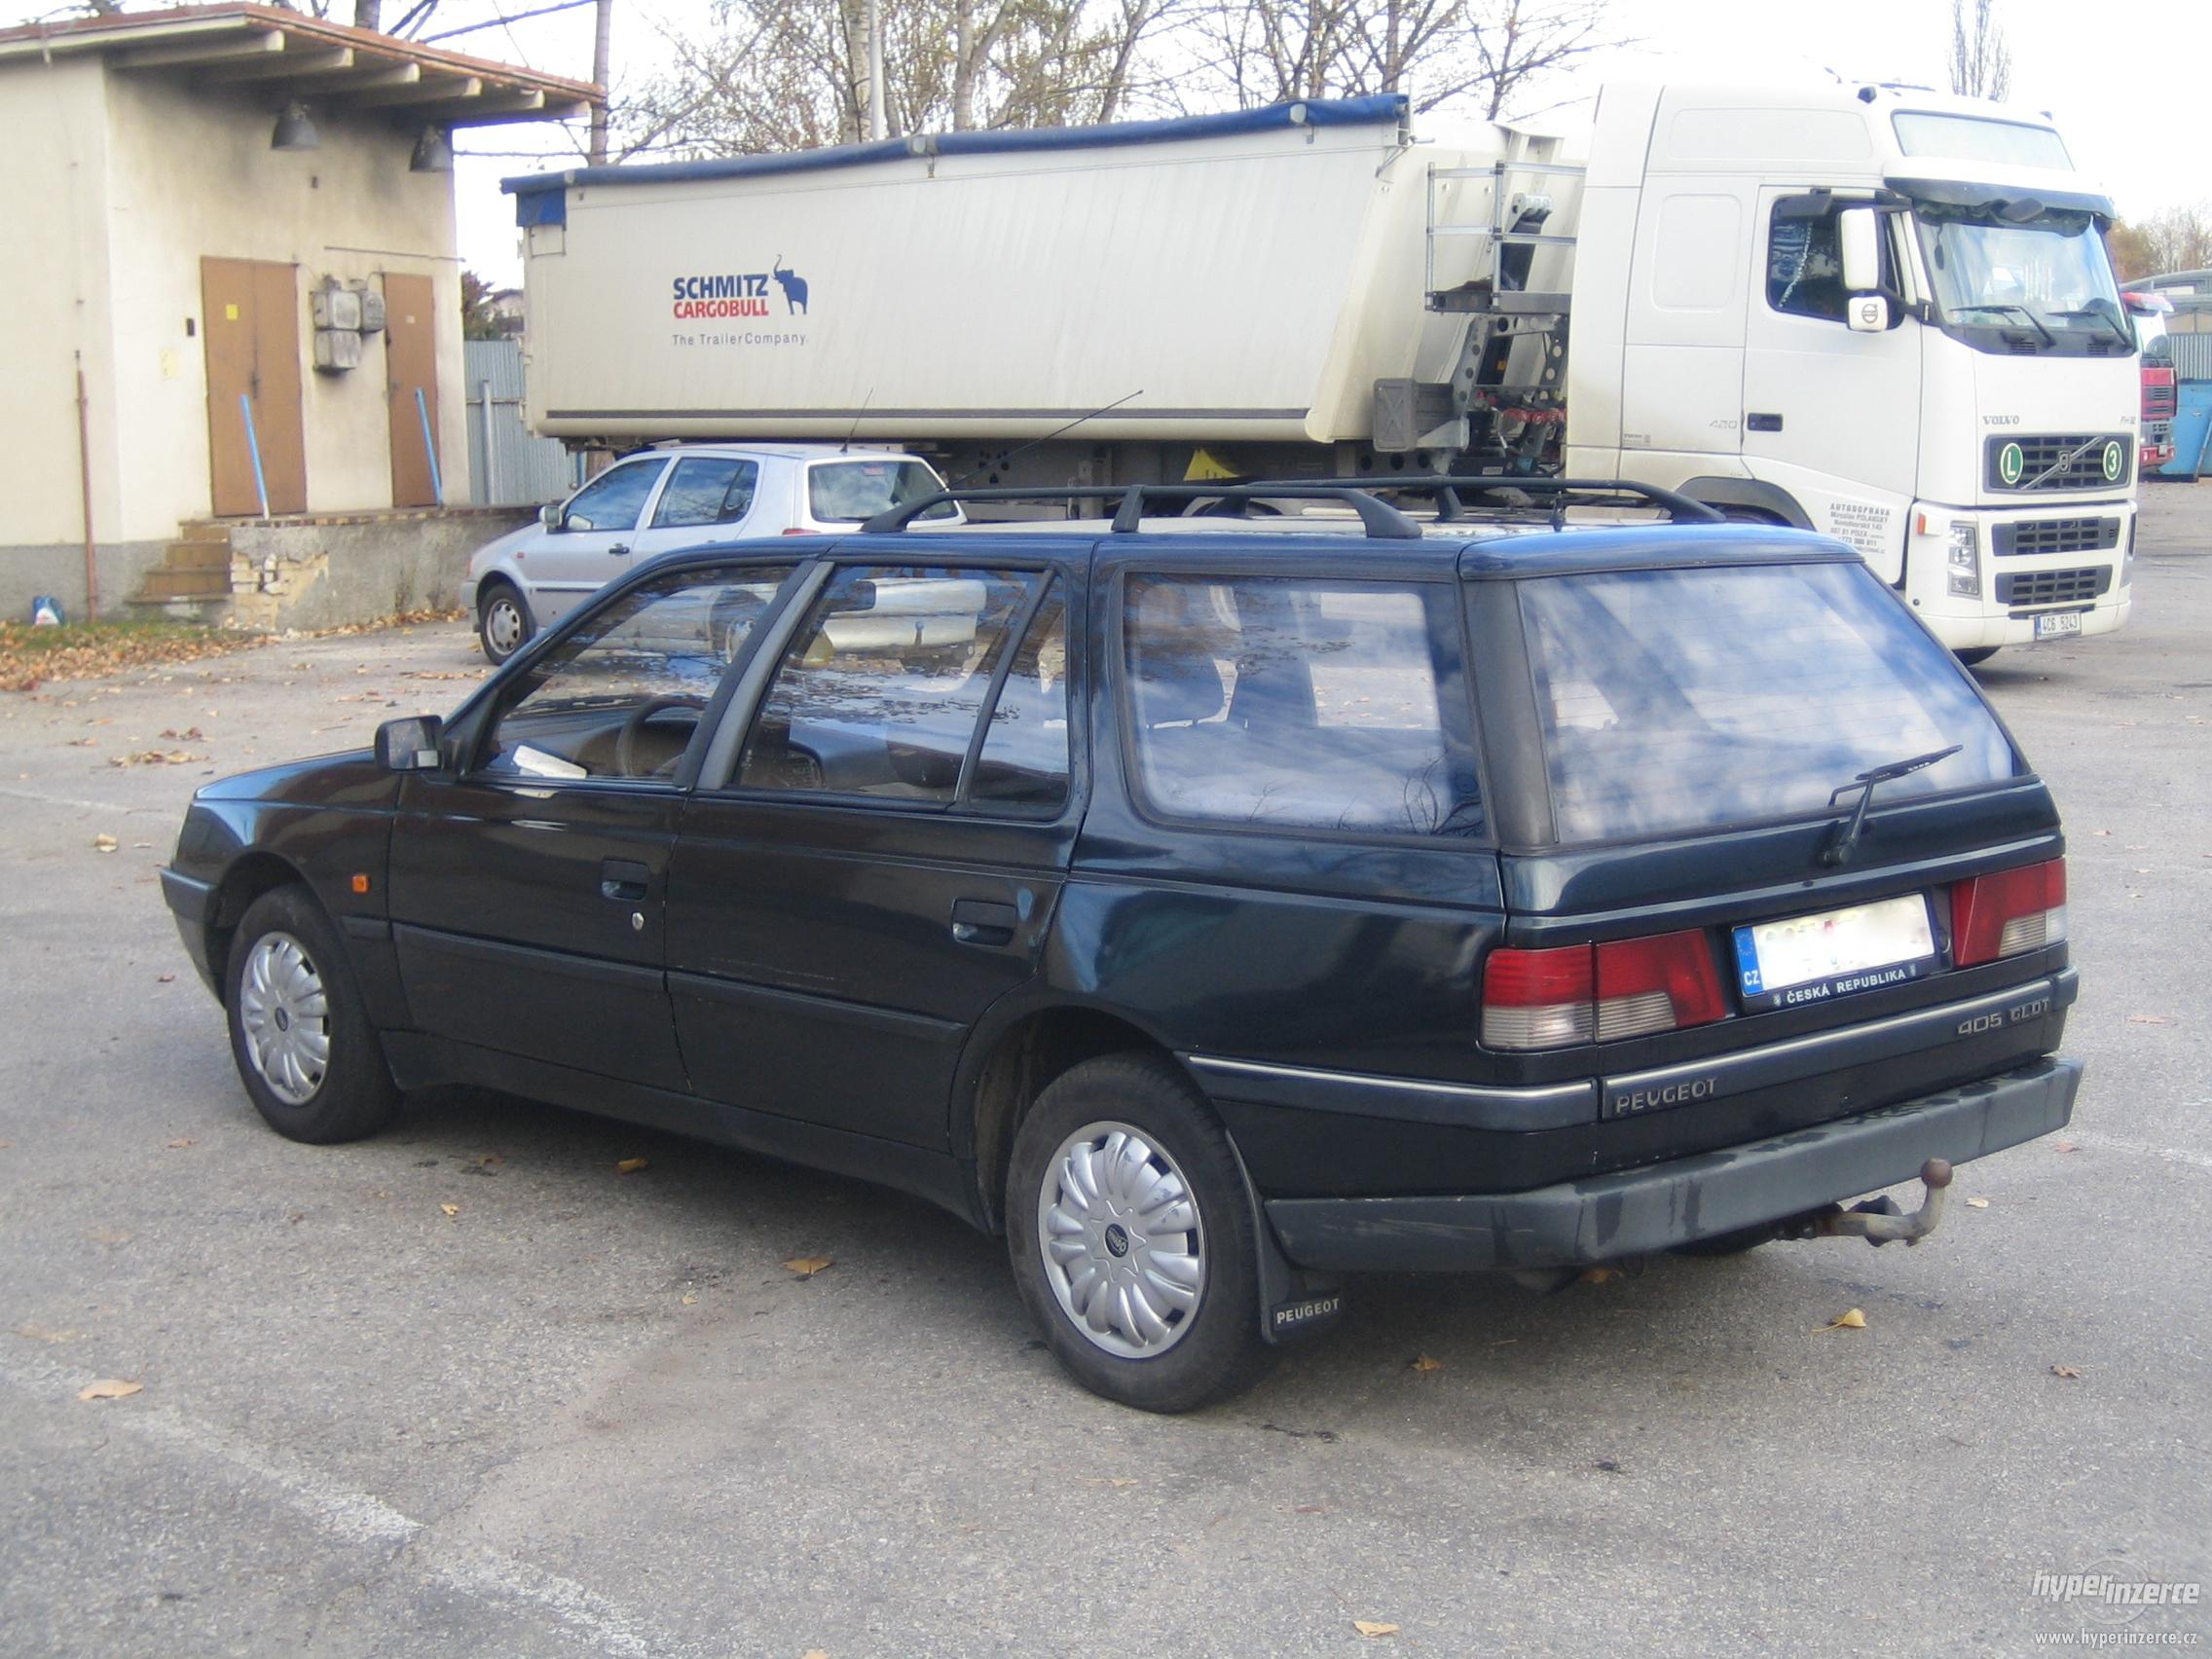 Peugeot 405 Grdt Picture 1 Reviews News Specs Buy Car